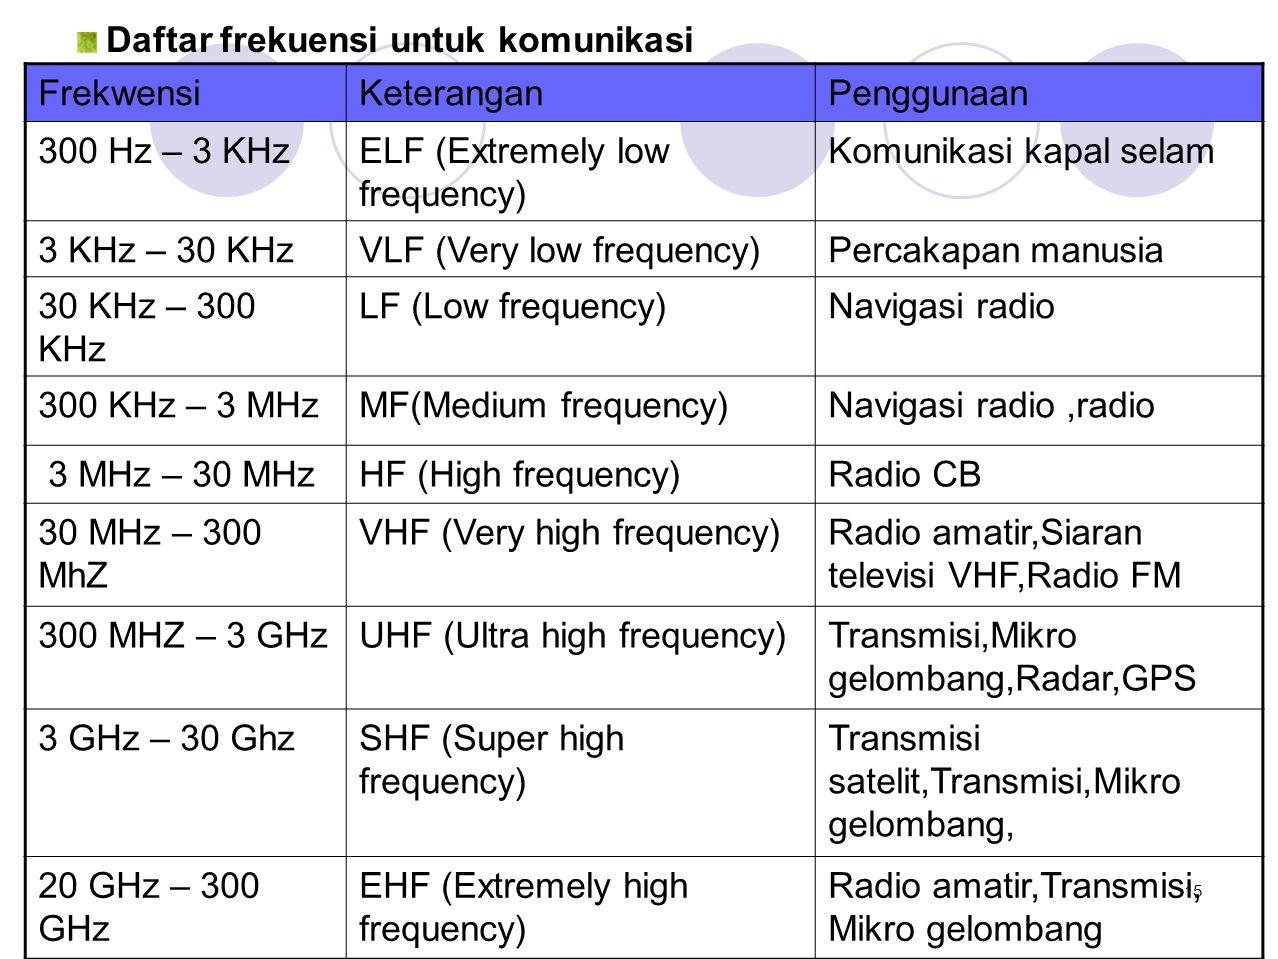 Daftar frekuensi untuk komunikasi FrekwensiKeteranganPenggunaan 300 Hz – 3 KHzELF (Extremely low frequency) Komunikasi kapal selam 3 KHz – 30 KHzVLF (